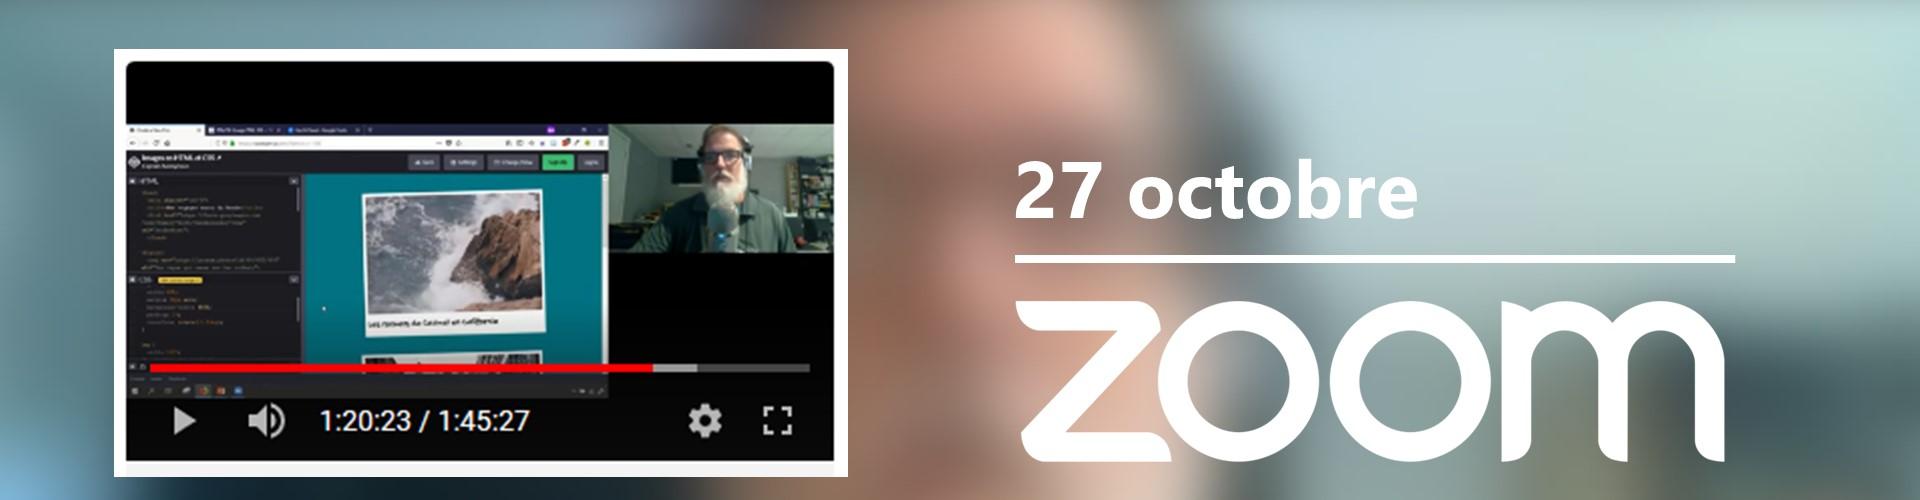 Rencontre du 27 octobre sur Zoom